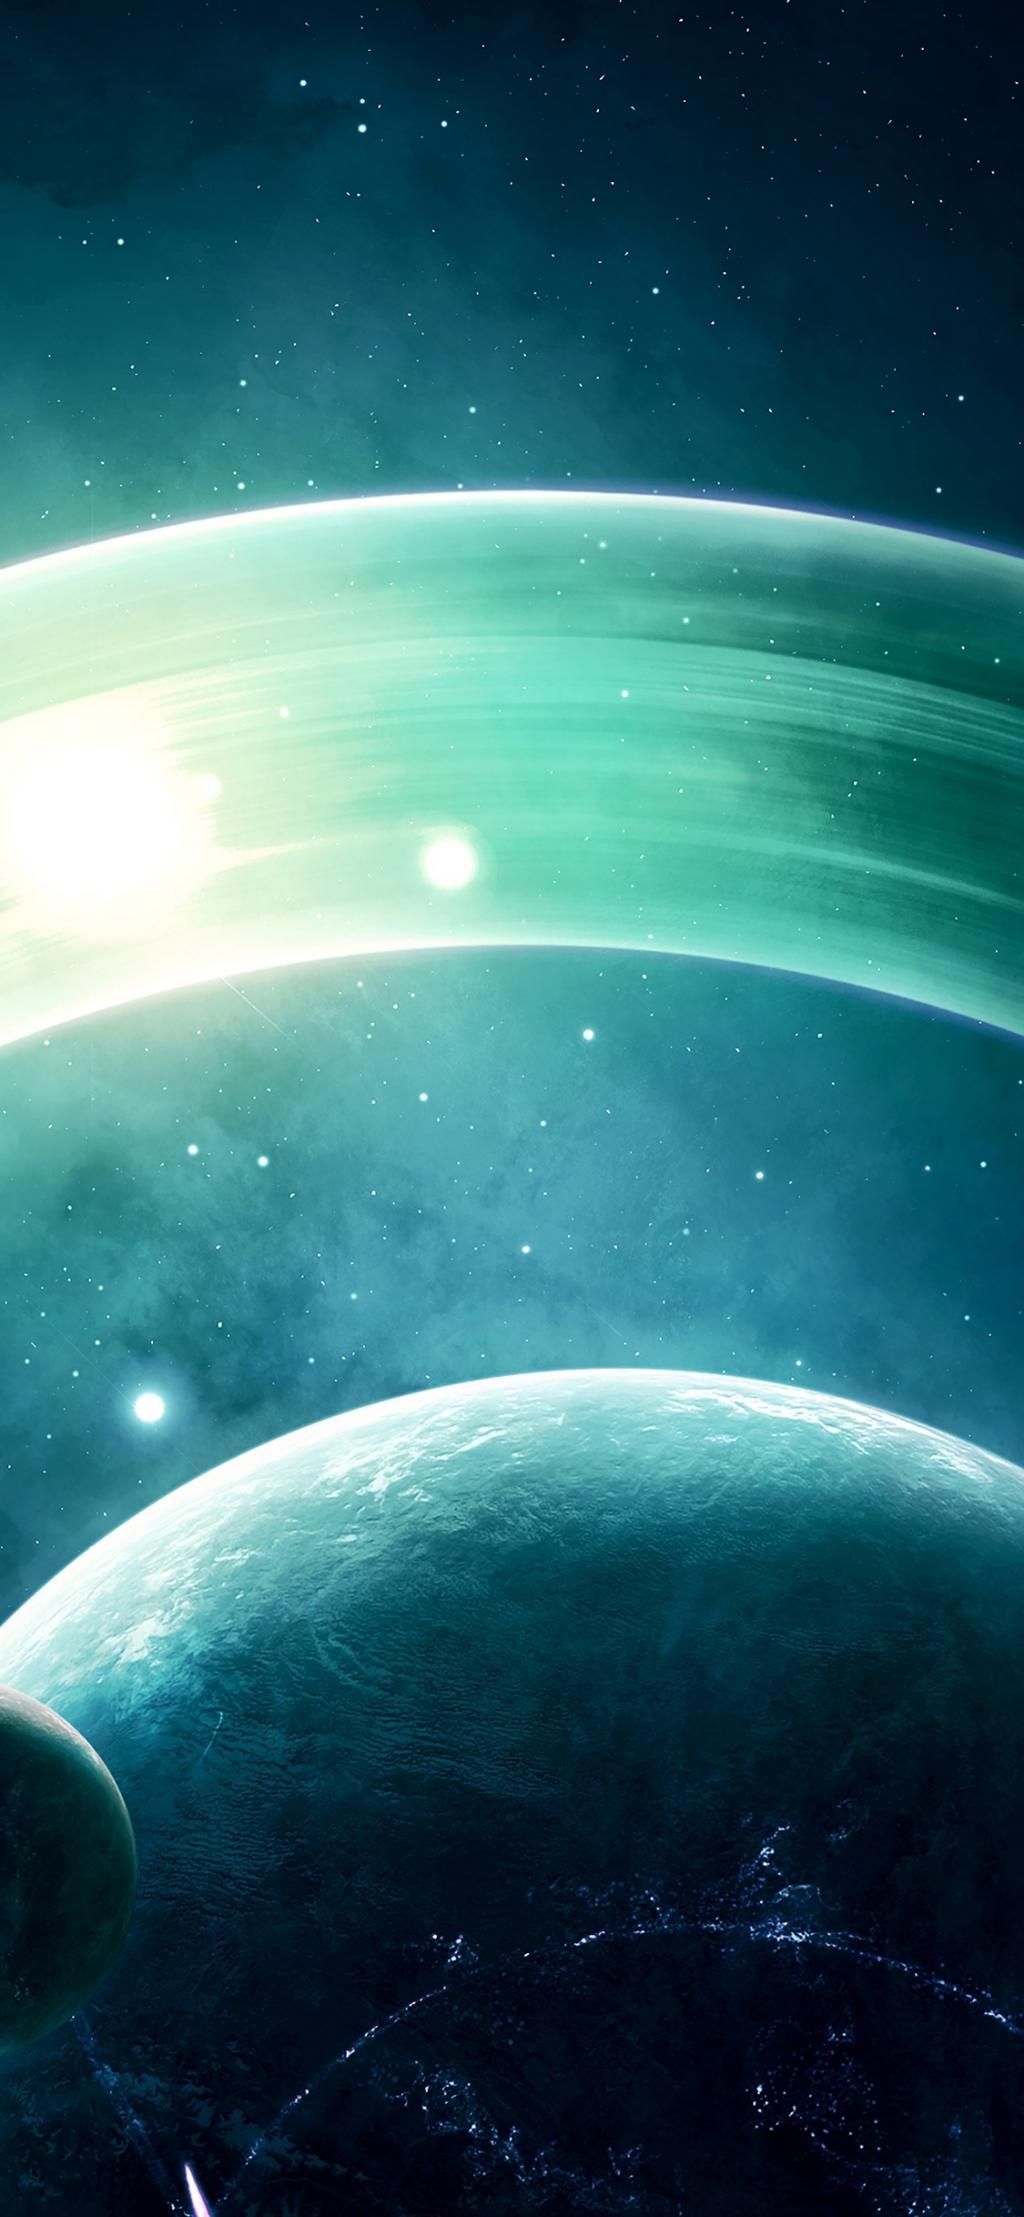 土星の目に見えないオーラ ロック画面の画像 クリアな高pspの壁紙携帯電話の壁紙 風景 壁紙